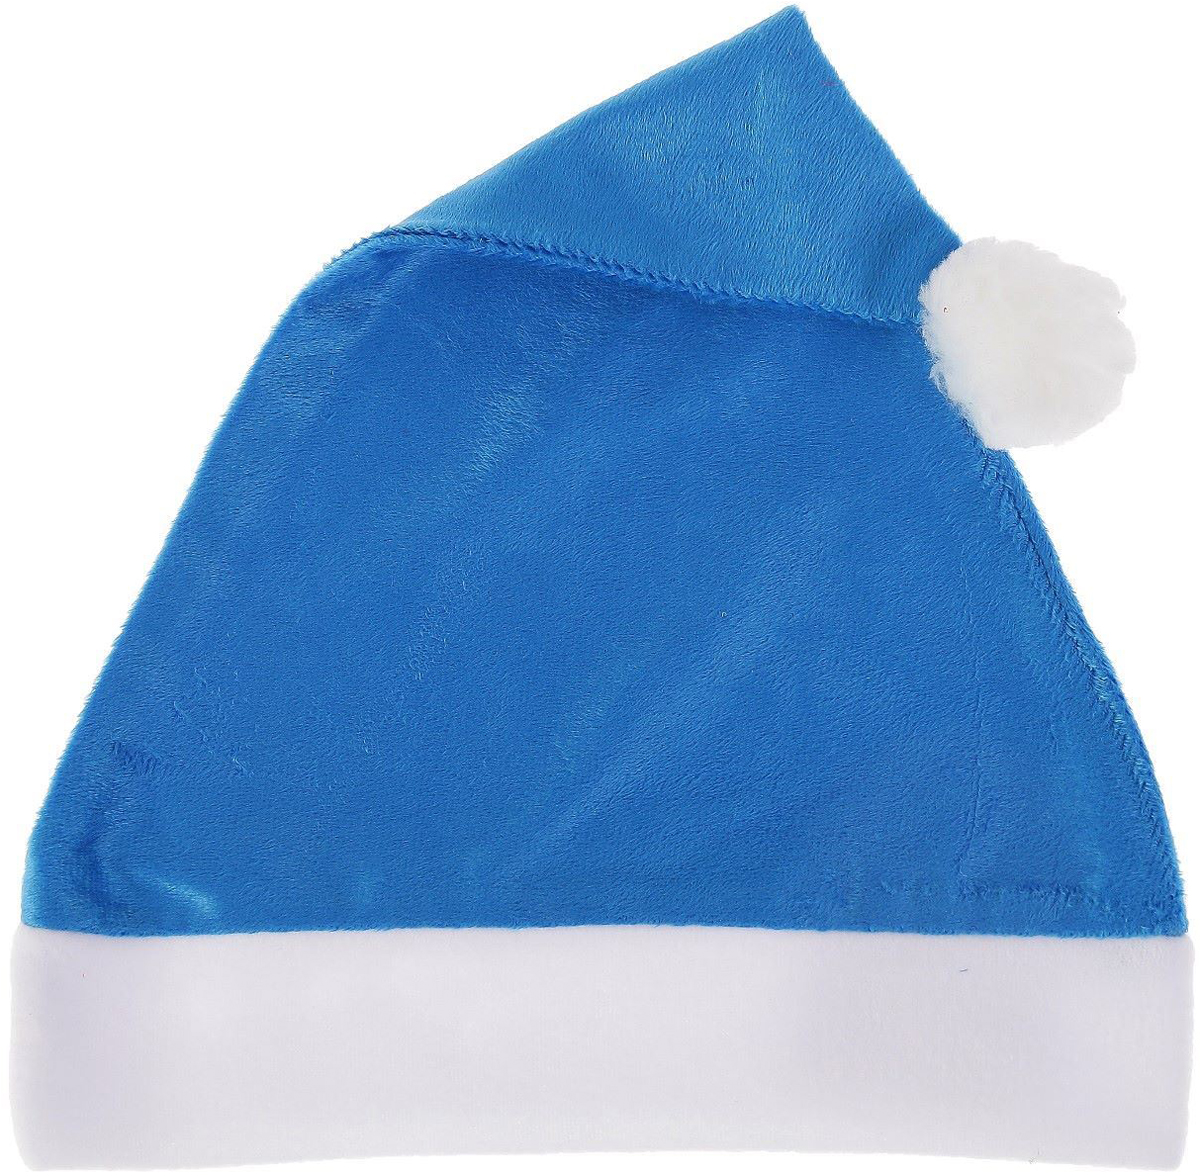 Колпак новогодний Блеск, цвет: синий, 28 х 38 см2351993Колпак - традиционный новогодний головной убор, который дополнит любой праздничный костюм. Будет это корпоративная вечеринка, утренник в школе или отдых в компании друзей - изделие поднимет настроение, где бы вы ни находились.Колпачок подойдет тем, кто собирается отмечать зимний праздник в помещении. В противном случае его следует надеть на теплую шапку, чтобы не простудиться.